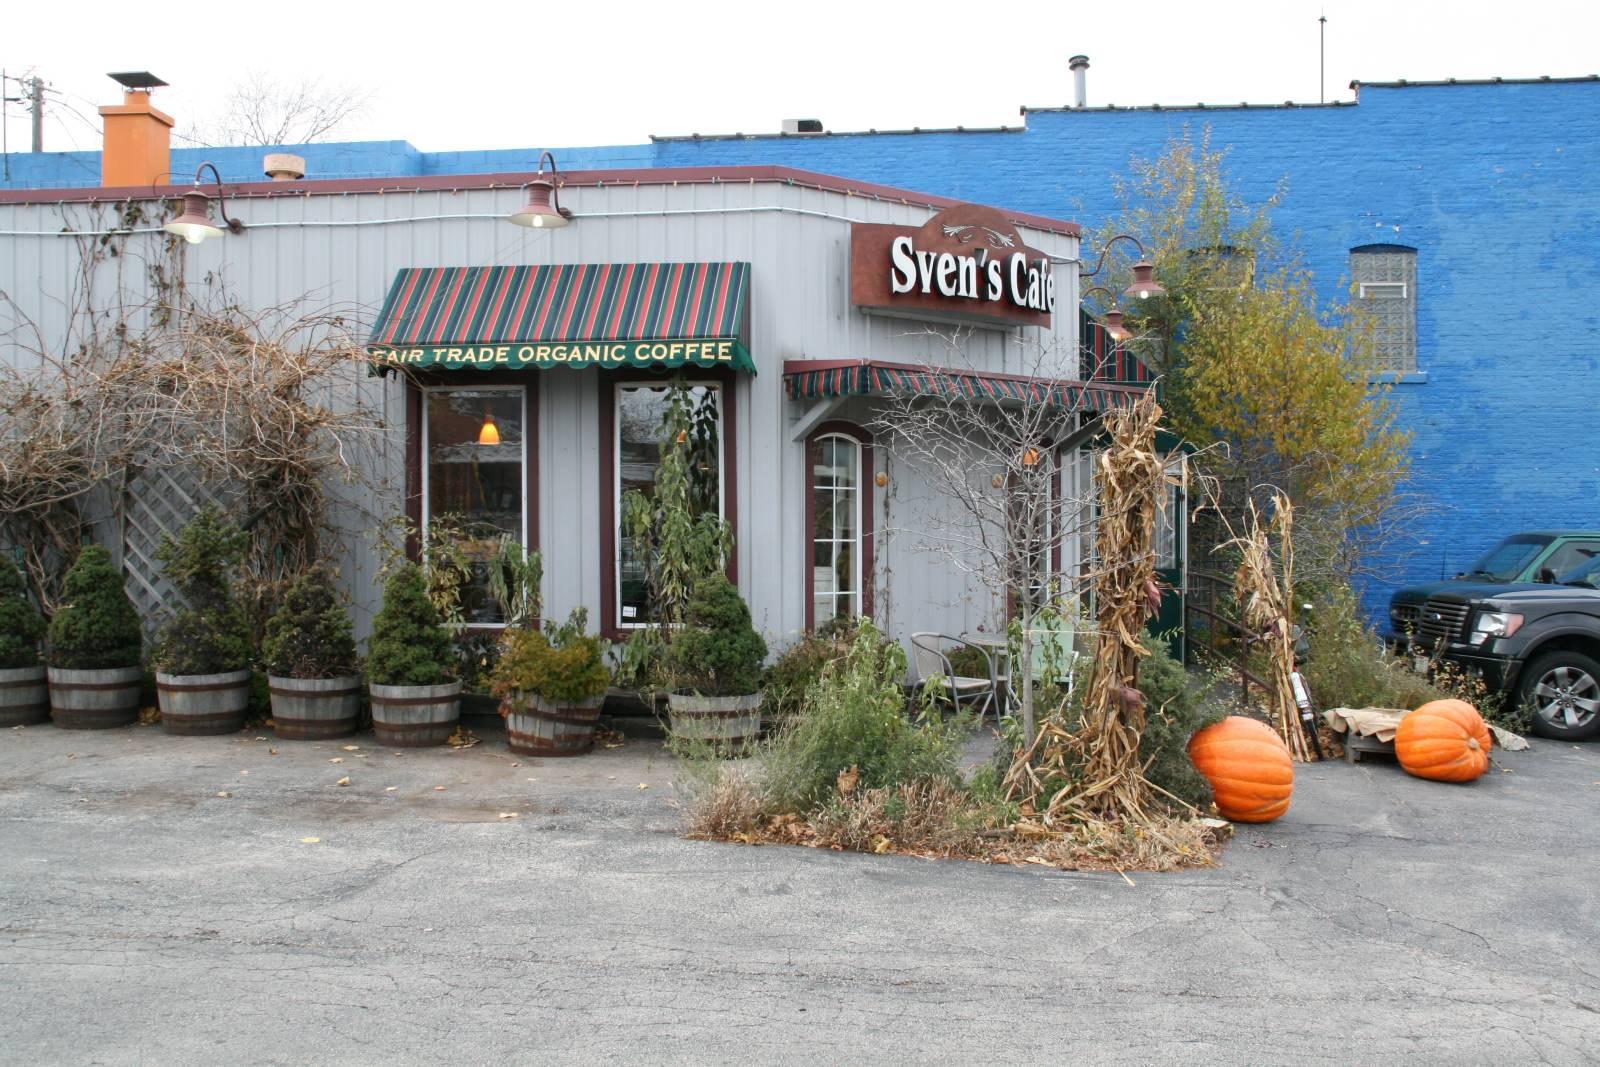 Sven's Cafe. Photo taken November 13th, 2014 by Jeramey Jannene.